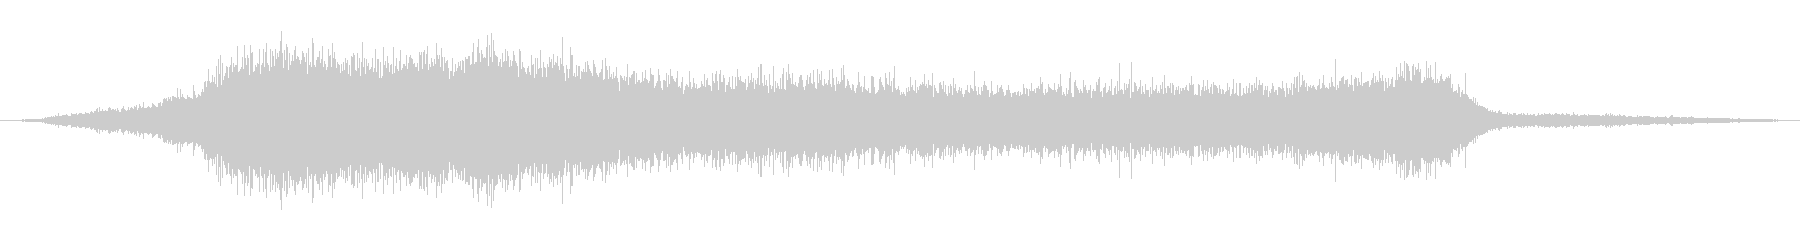 マグレブシンギング0-30の未再生の波形